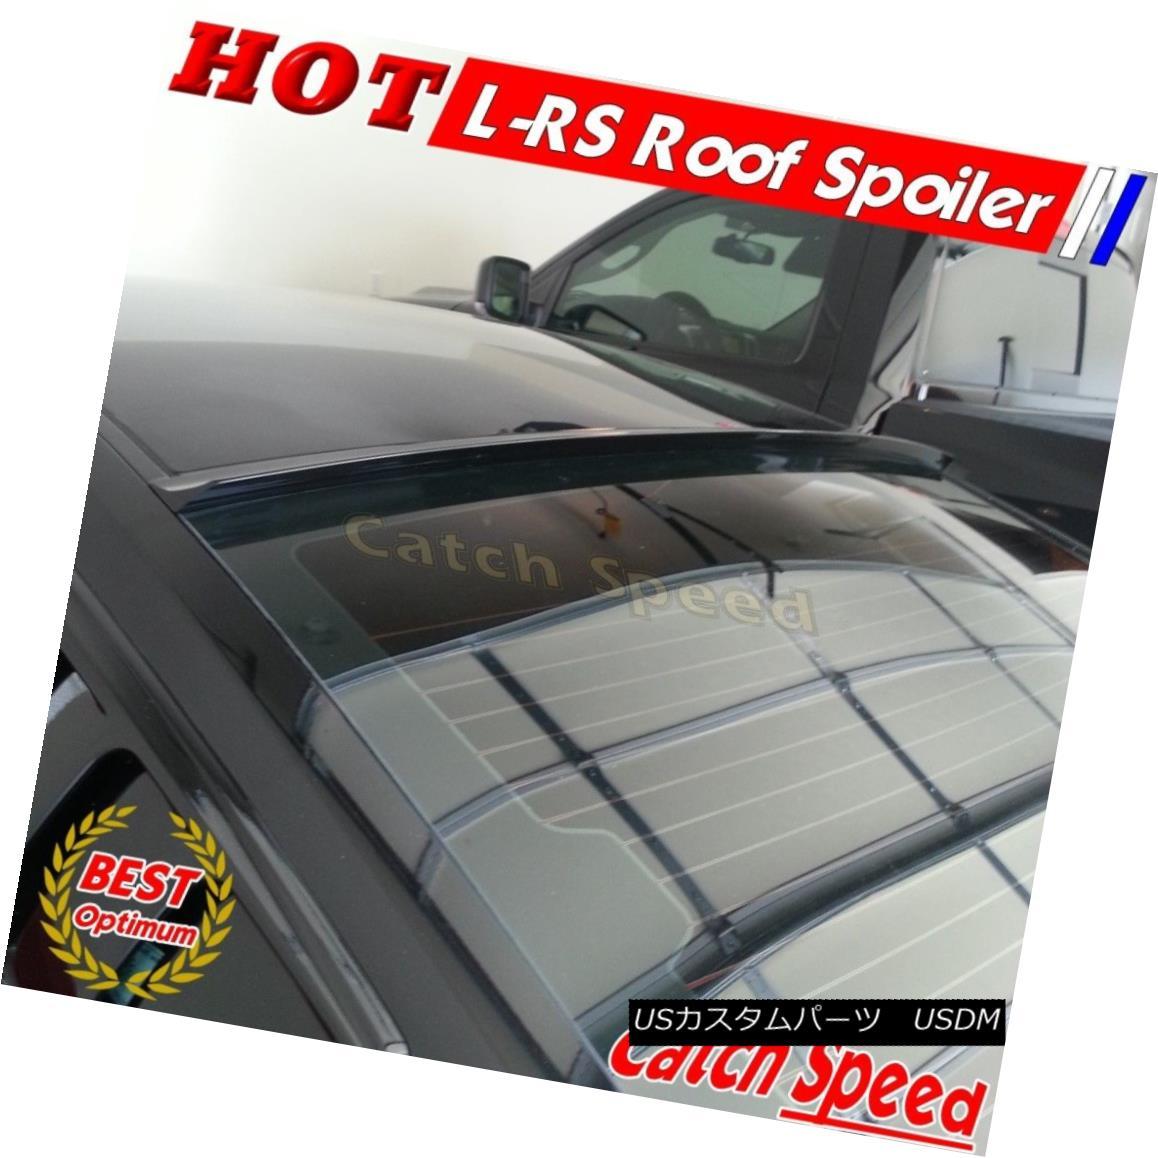 エアロパーツ Painted LRS Type Rear Roof Spoiler Wing For Cadillac CTS Coupe 2011-2014 New ? キャデラックCTSクーペ2011年-2014のための塗装LRSタイプのリアルーフスポイラーウィング新しい?